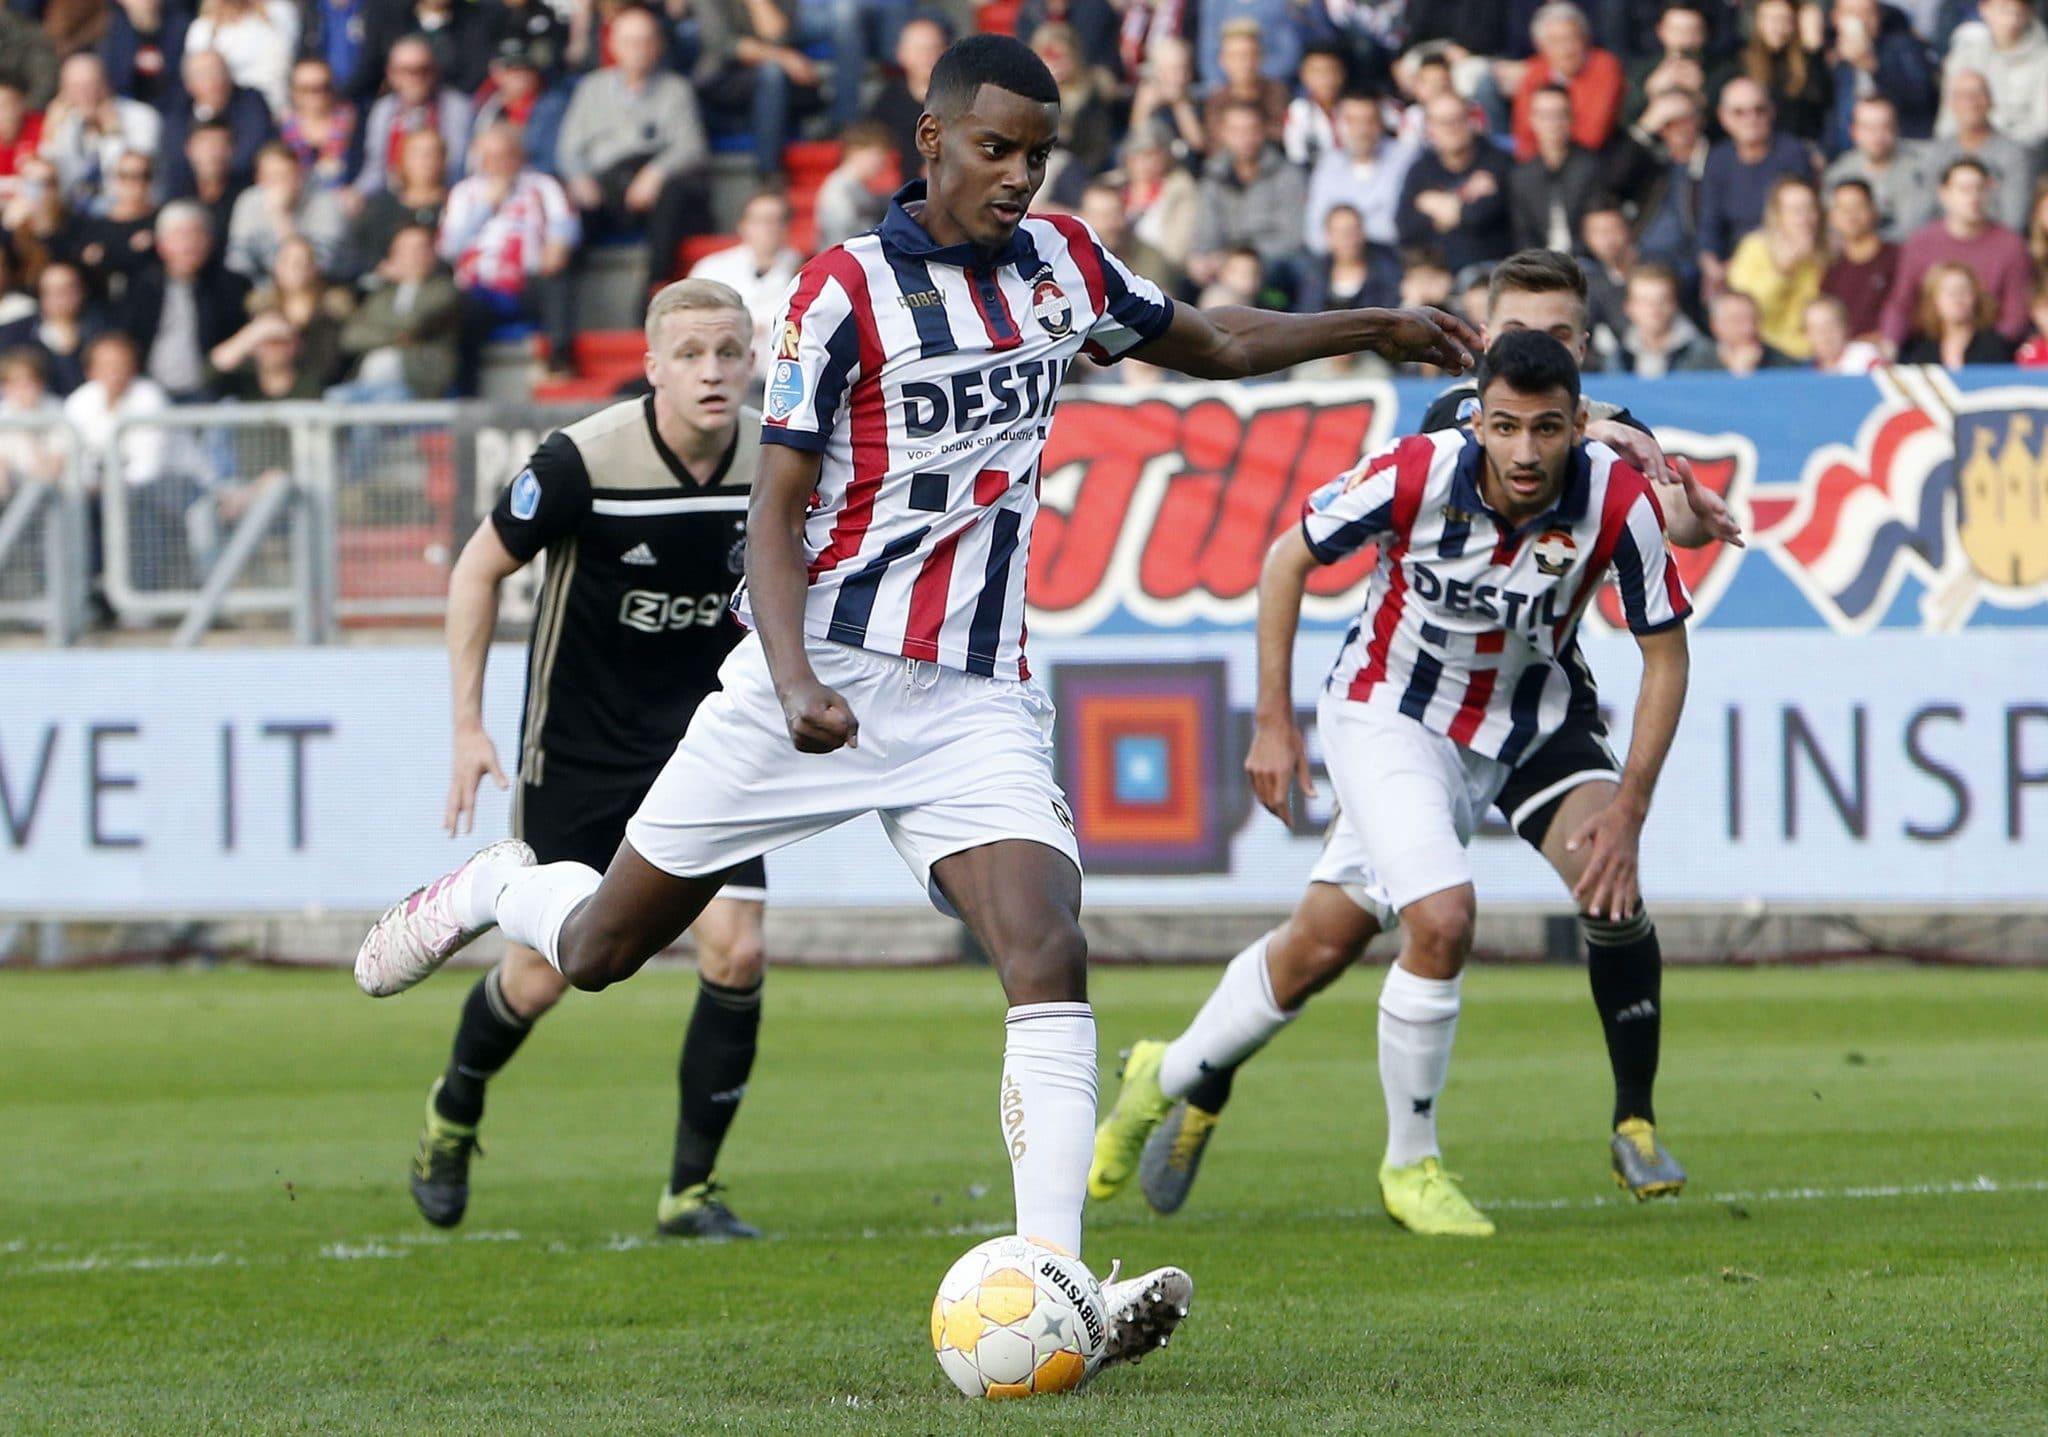 Alexander Isak, Willem II, Dortmund